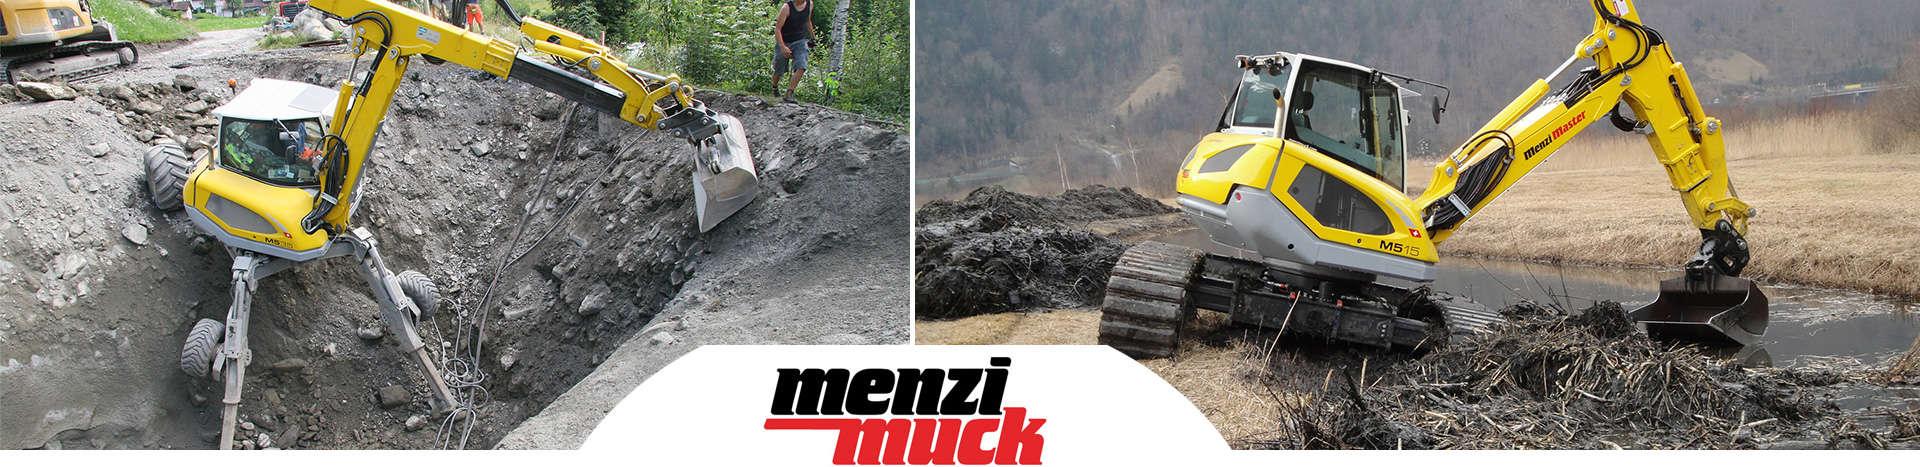 Menzi Muck Schreitbagger für schwieriges Gelände. Menzi Master Raupenbagger.